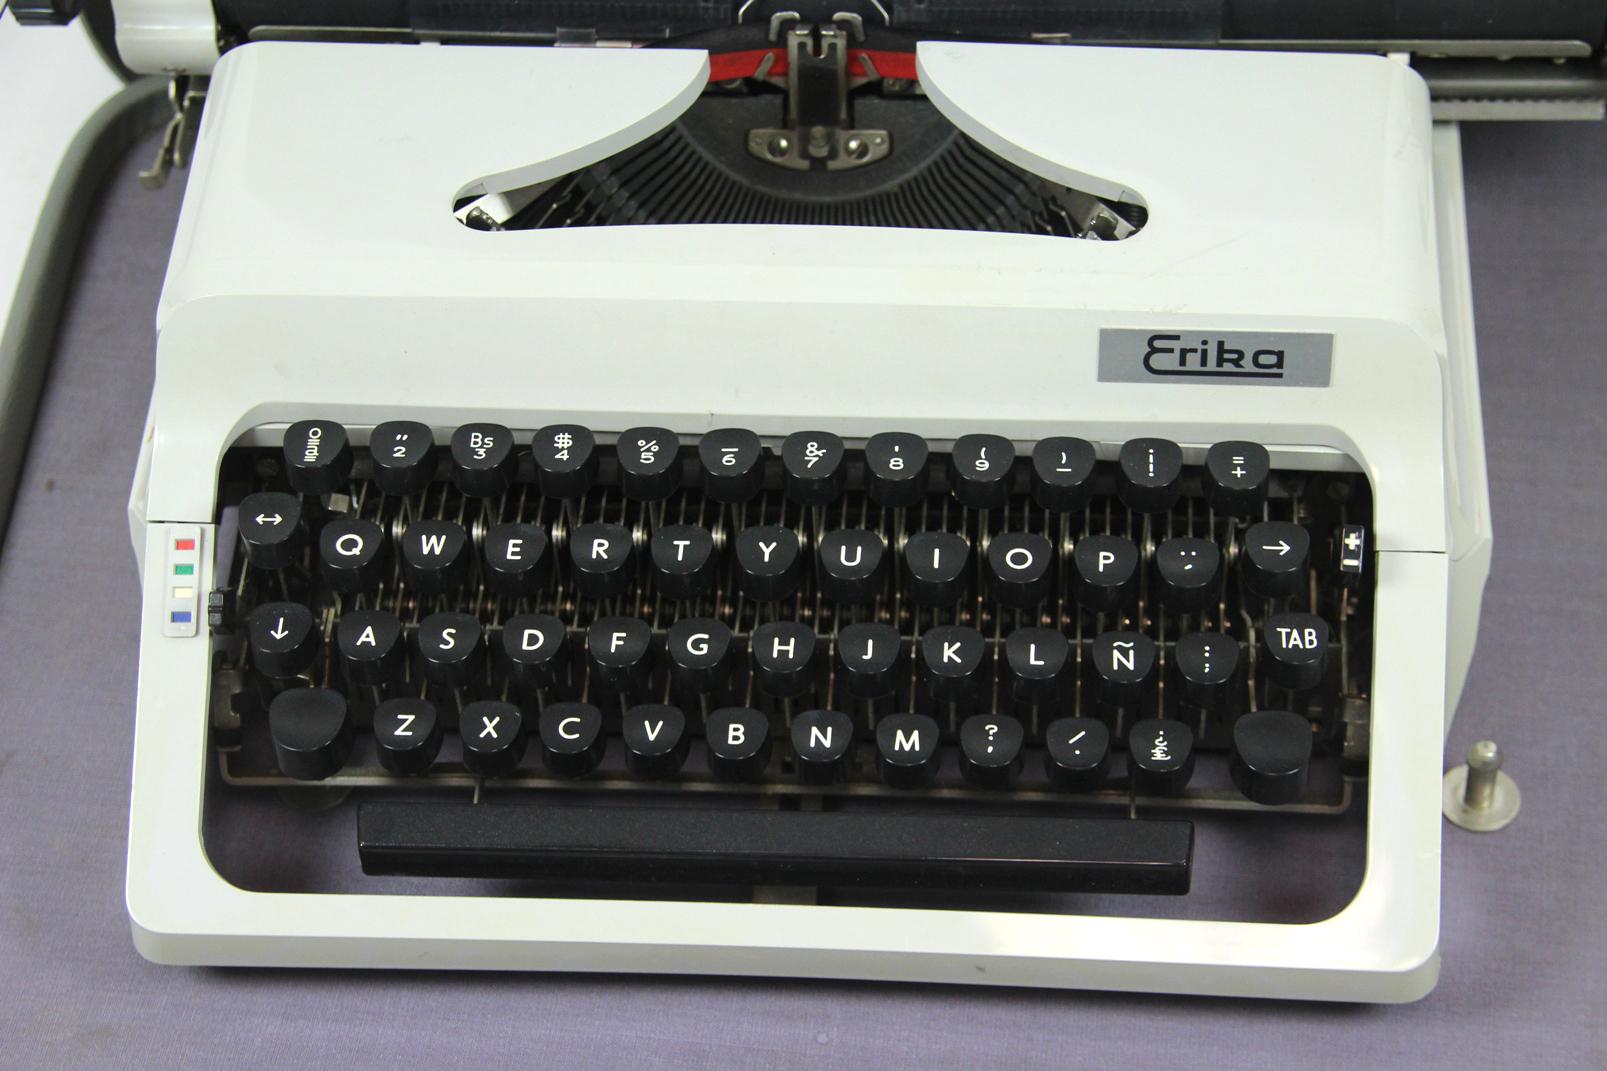 erika mod 48 reise schreibmaschine koffer amerikanische tastatur typewriter ebay. Black Bedroom Furniture Sets. Home Design Ideas